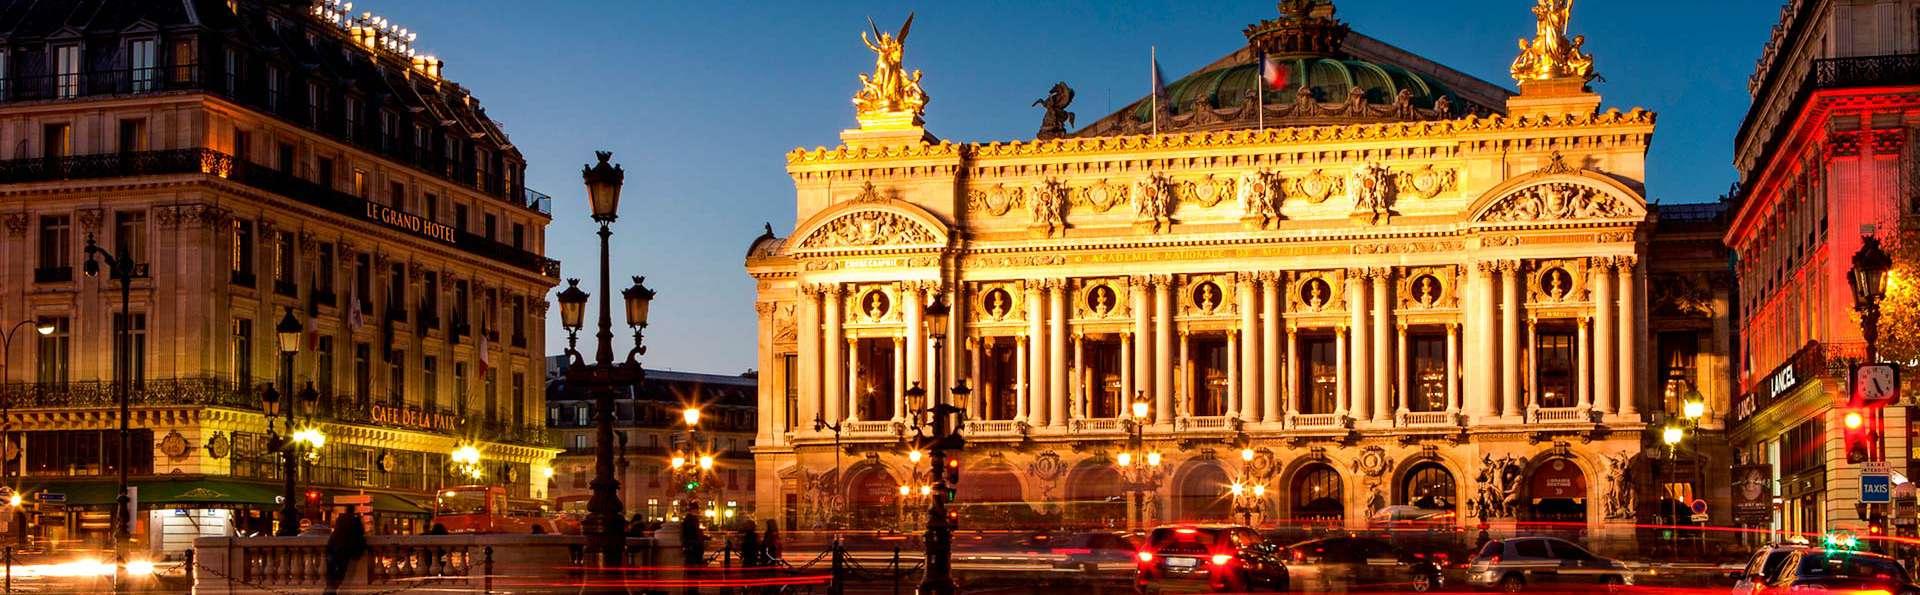 Découverte des charmes de Paris avec accès à l'espace détente